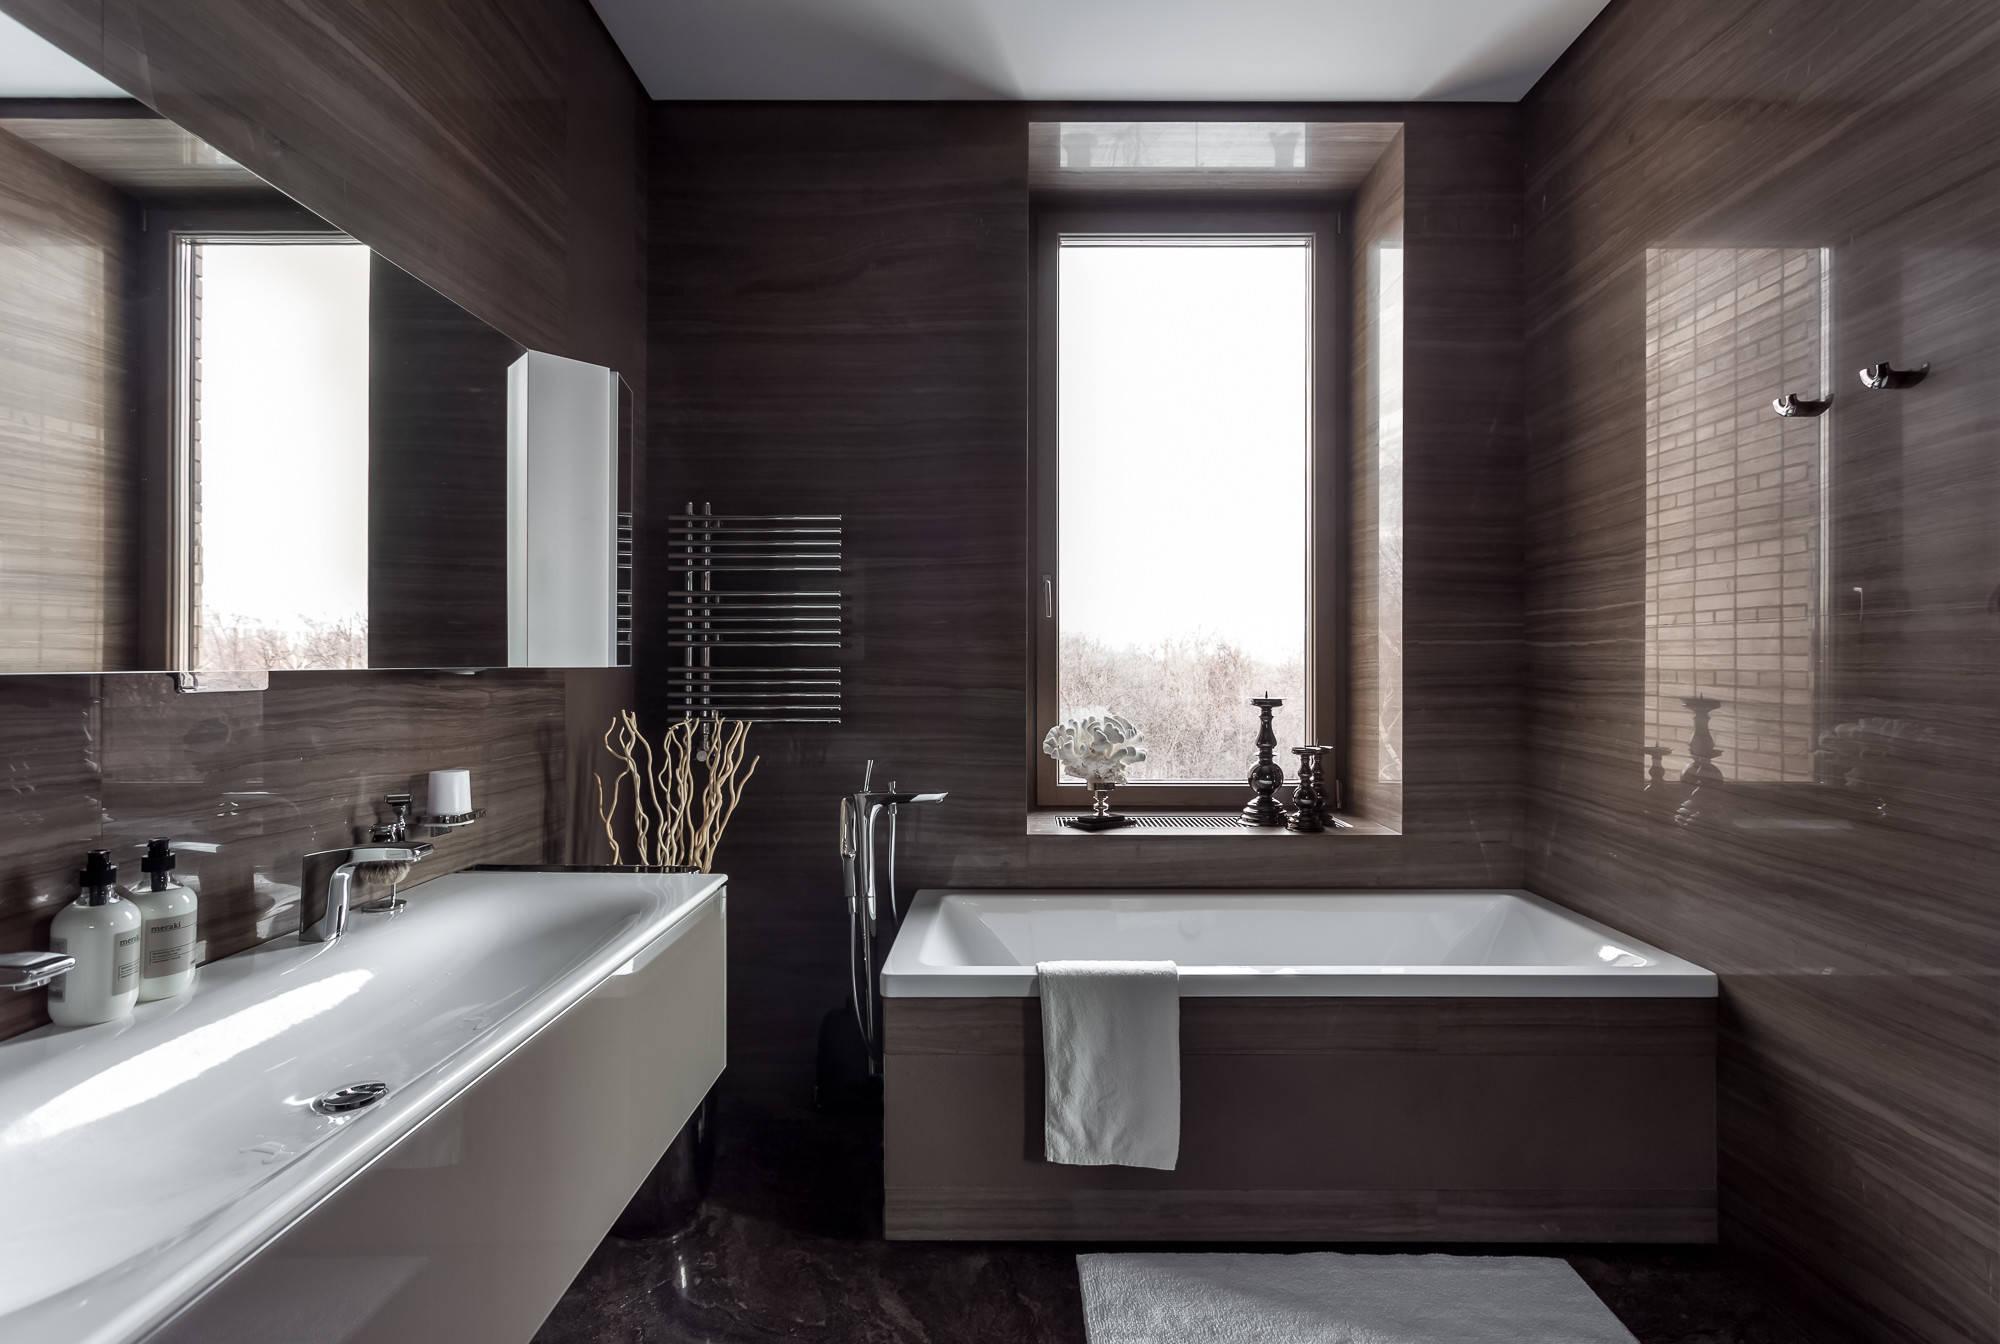 Ванная комната в строгом лаконичном стиле. Зеркальные шкафчики расположены вдоль стены